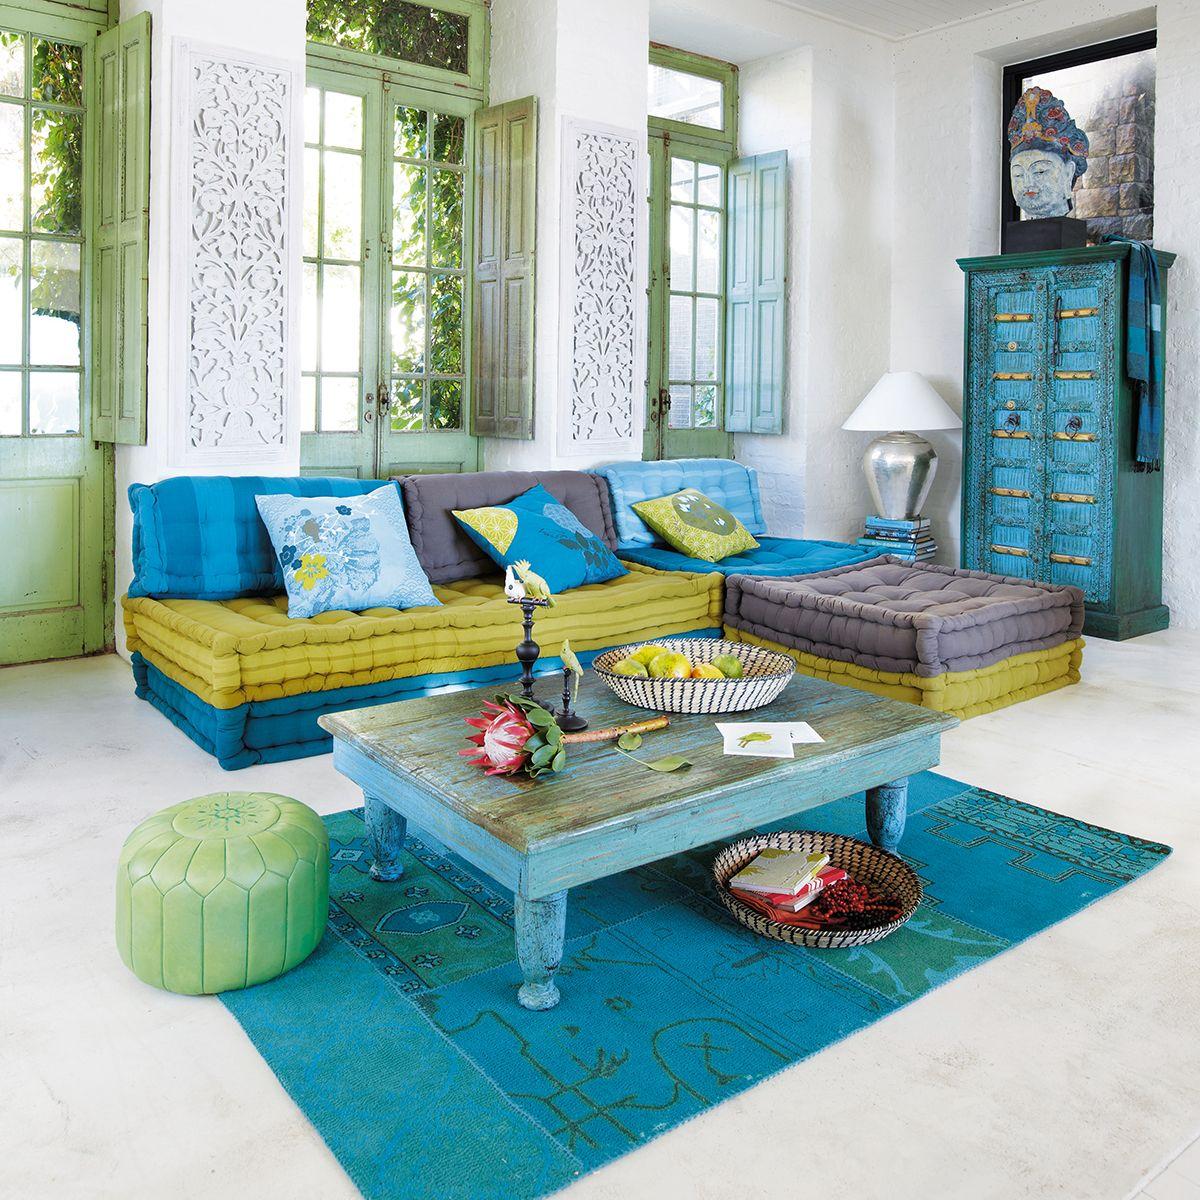 banquette d 39 angle modulable 6 places en coton bleue et. Black Bedroom Furniture Sets. Home Design Ideas